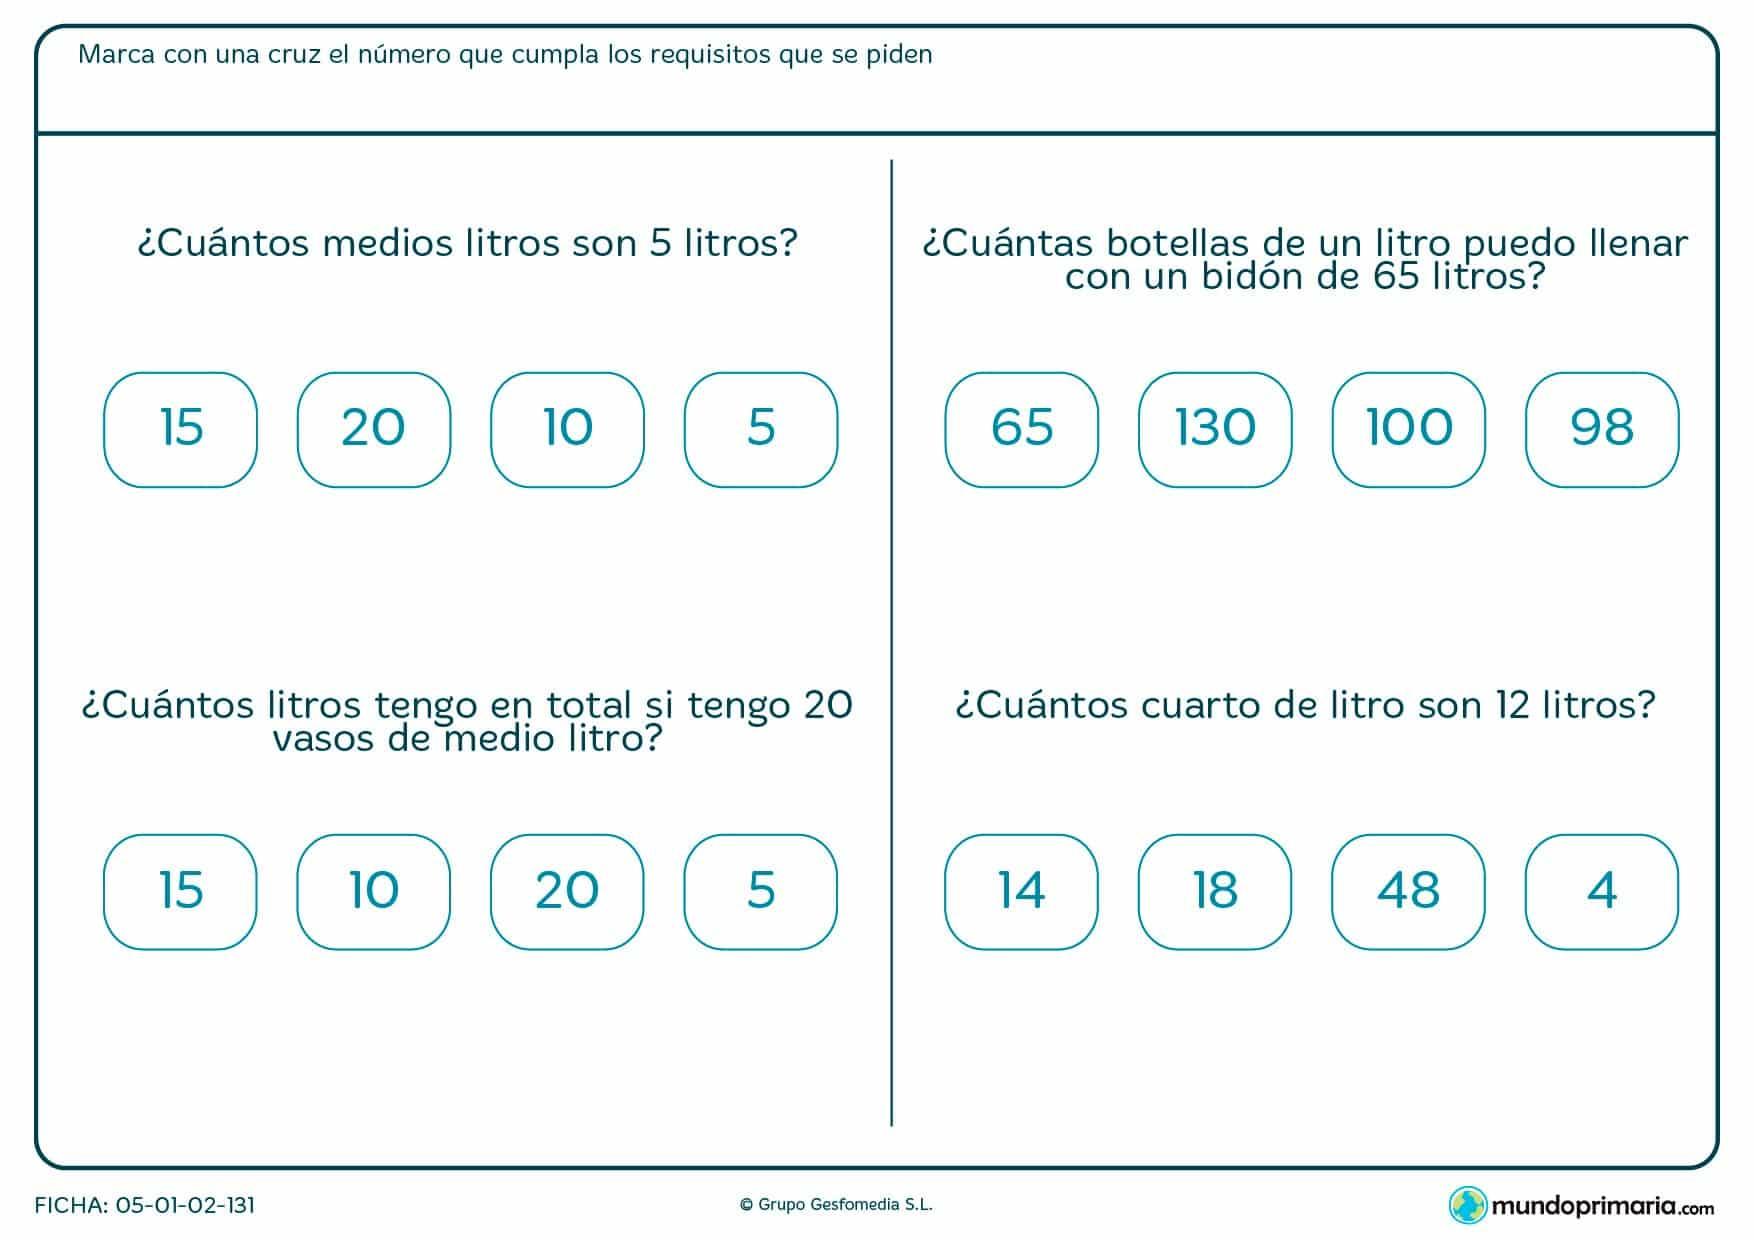 Ficha de medios litros y equivalencias con litros llevados a ejemplos de la vida cotidianos.